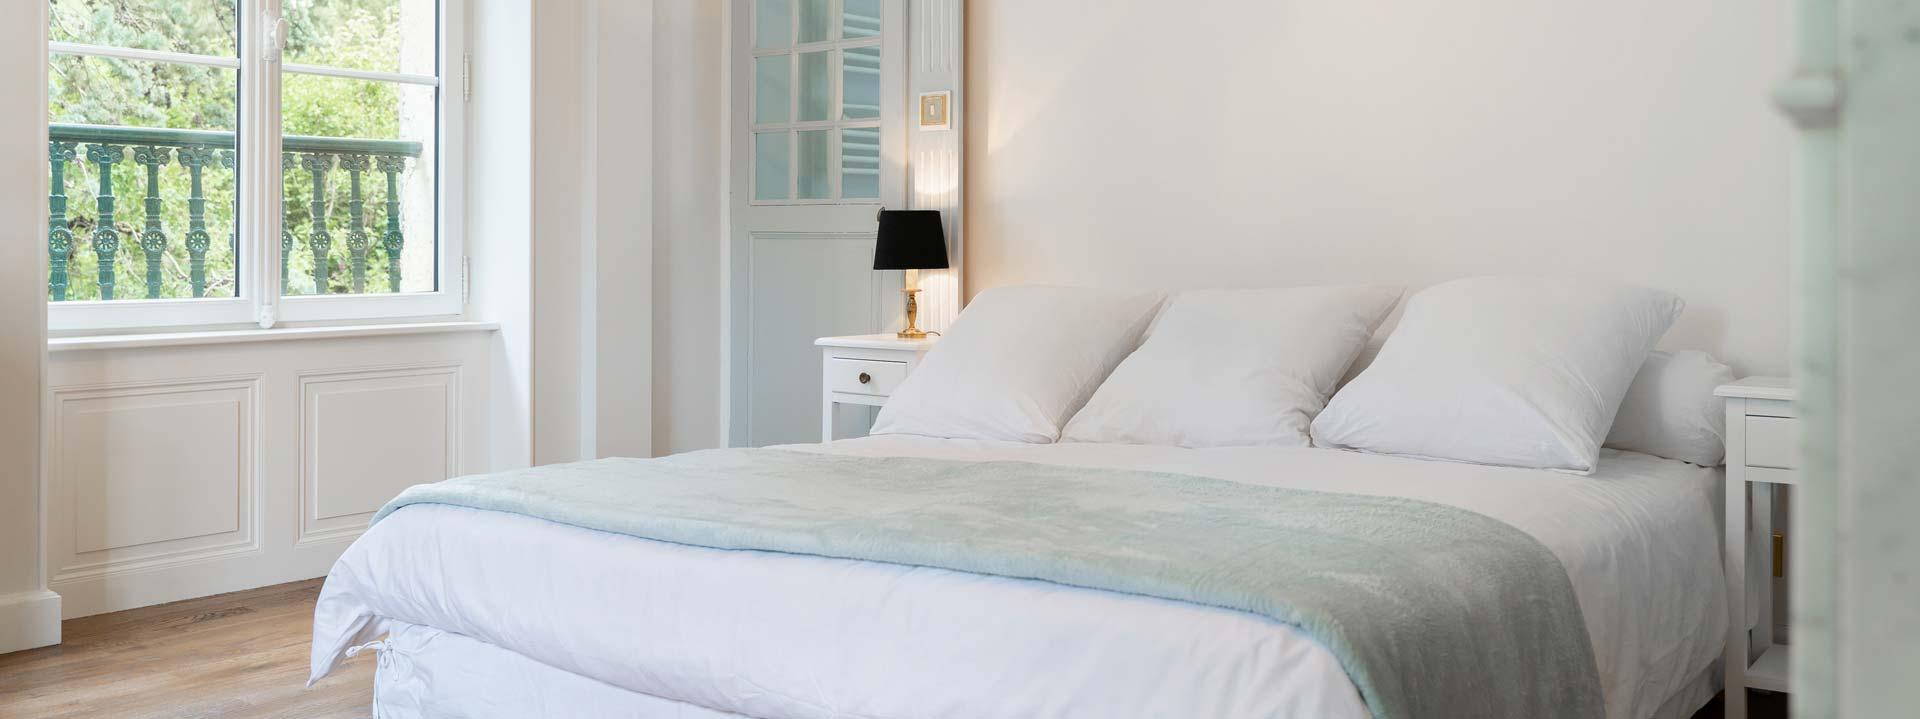 Rénovation complète d'une suite parentale en Sologne